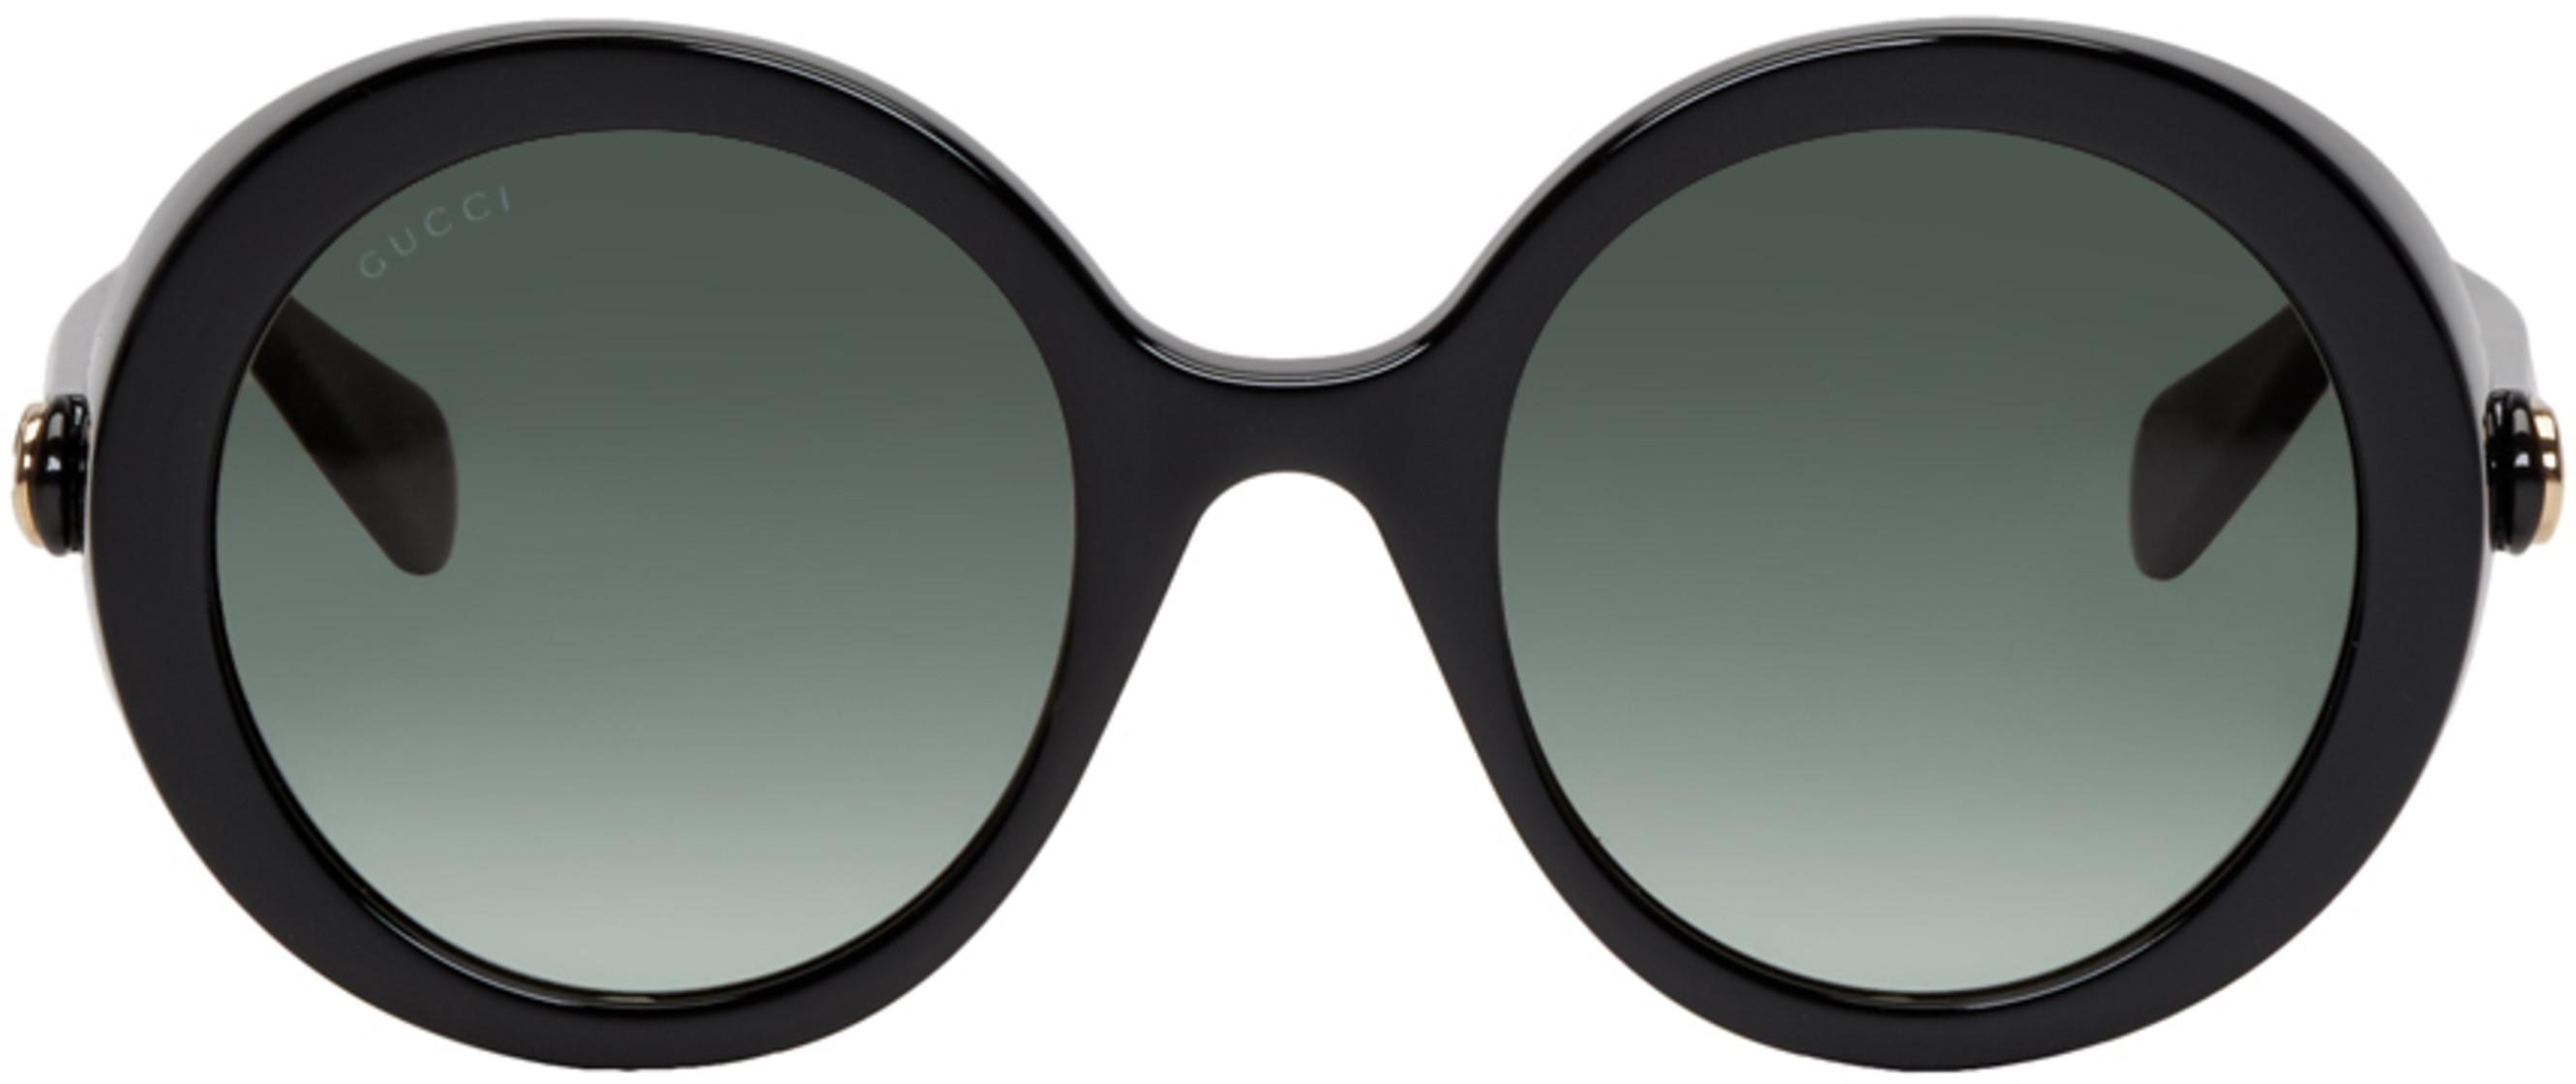 5fc7e6d57b6 Gucci sunglasses for Women